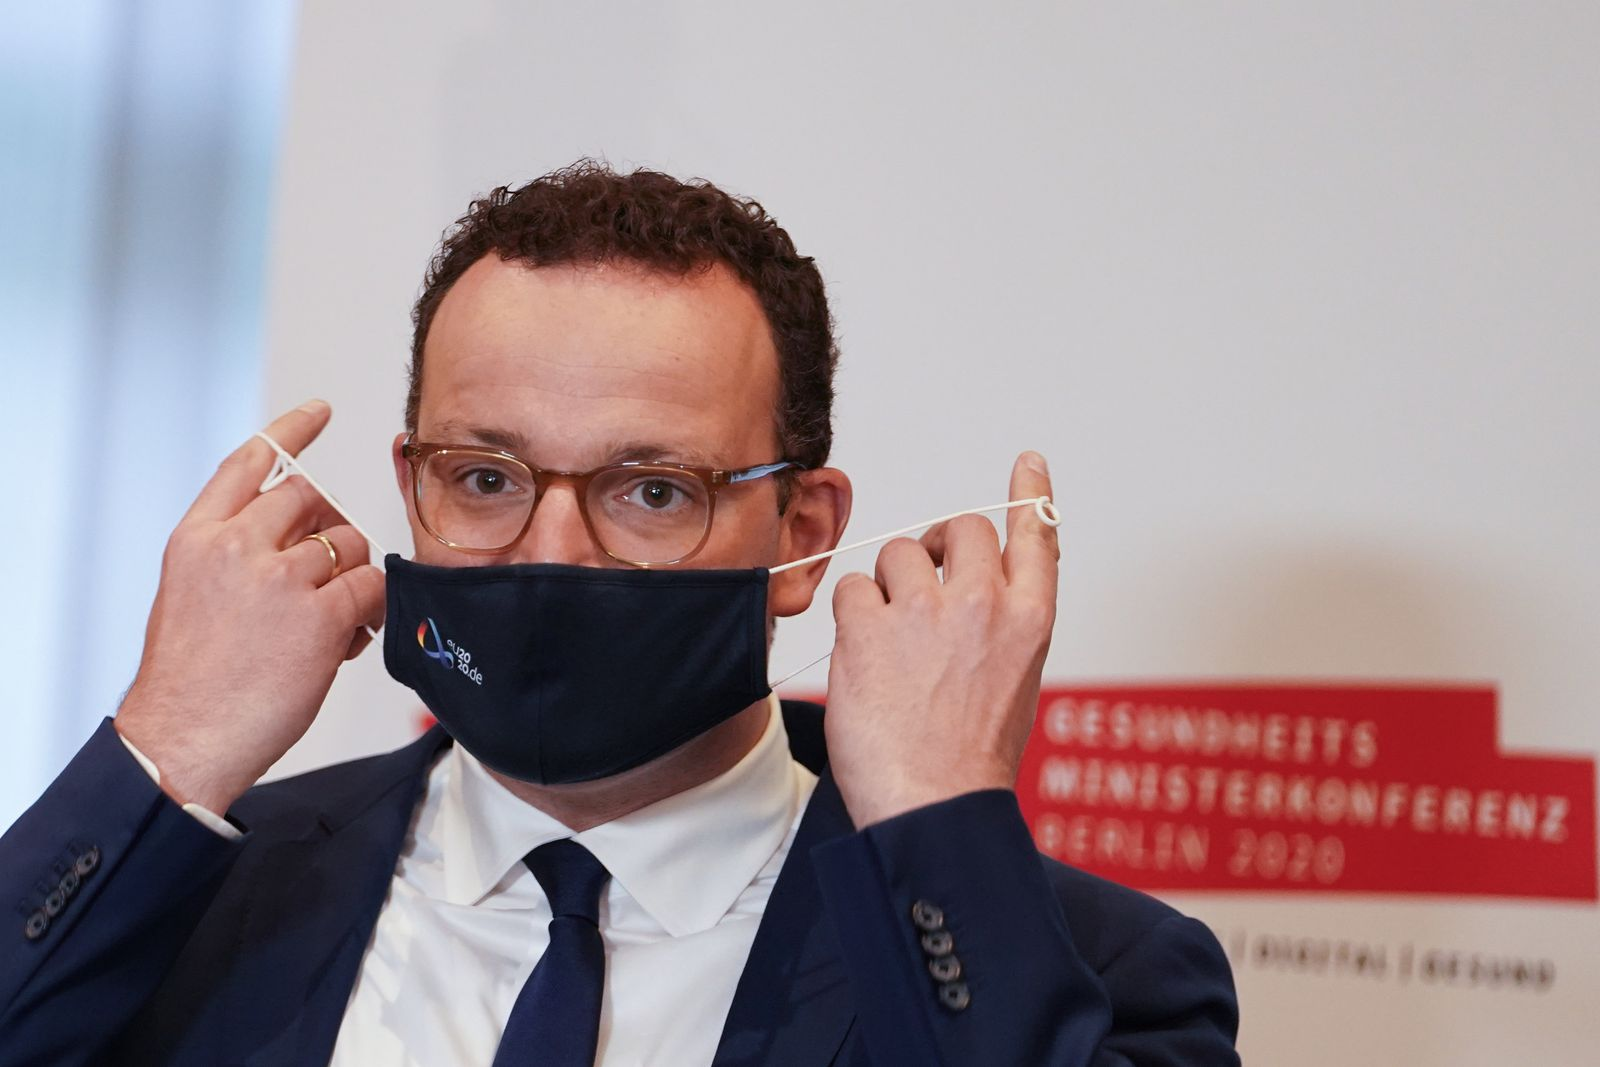 Gesundheitsministerkonferenz (GMK) der Länder